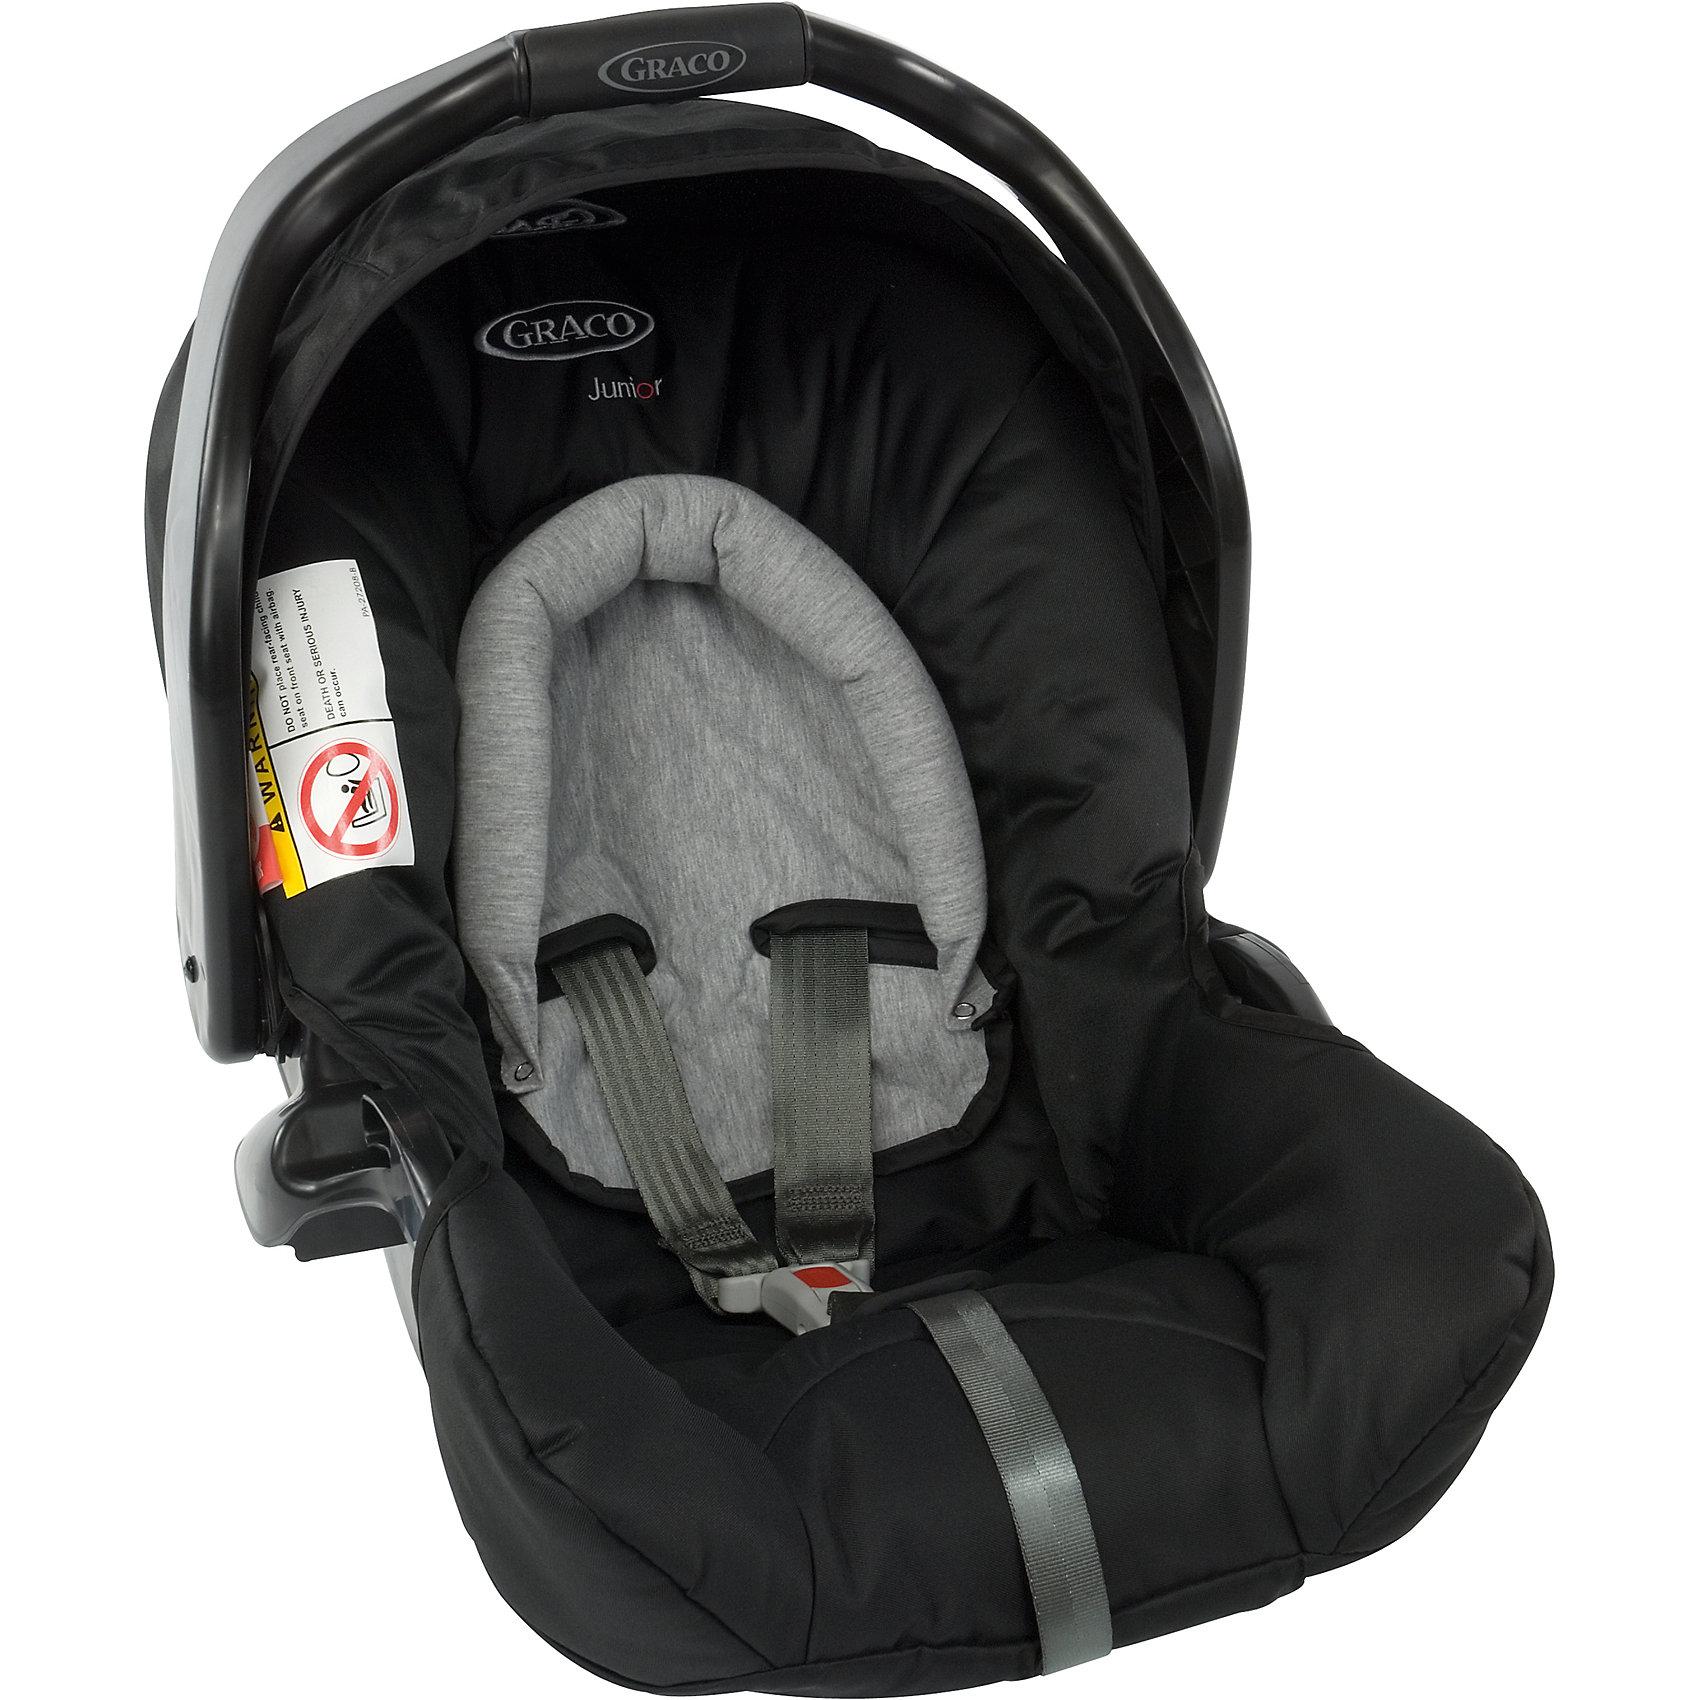 Автокресло Graco Junior Baby Sport Luxe 0-13 кг,Группа 0+ (До 13 кг)<br>Характеристики:<br><br>• группа: 0+<br>• вес ребенка: до 13 кг;<br>• возраст ребенка: от рождения до 12 месяцев;<br>• способ крепления: штатным ремнем безопасности автомобиля;<br>• способ установки: лицом против хода движения автомобиля;<br>• имеется анатомический вкладыш для новорожденного;<br>• материал: пластик, полиэстер;<br>• размеры автокресла: 44х66х46 см;<br>• вес: 3,9 кг.<br><br>Автокресло Junior Baby Sport Luxe представляет собой автолюльку для путешествий с новорожденными детками в автомобиле. Автокресло оснащено 3-х точечными ремнями безопасности с мягкими накладками. Имеется пластиковая ручка для переноски автокресла, положение регулируется. Защитный капор регулируется, его можно поднимать и опускать. Дополнительная система защиты от боковых ударов представляет собой высокие защитные бортики внутри и пластиковые борты снаружи автокресла. Входящий в комплект чехол автокресла можно стирать при температуре 30 градусов.<br><br>Автокресло совместимо с прогулочными колясками Graco Evo, Graco Evo XT и Metro, Graco Evo Avant, Blox, FastAction Fold Sport, Mirage, Mosaic, Quattro Tour Duo, Stadium Duo.<br><br>Автокресло Junior Baby Sport Luxe 0-13 кг, Graco можно купить в нашем интернет-магазине.<br><br>Ширина мм: 430<br>Глубина мм: 360<br>Высота мм: 700<br>Вес г: 4753<br>Возраст от месяцев: 0<br>Возраст до месяцев: 12<br>Пол: Унисекс<br>Возраст: Детский<br>SKU: 5388611